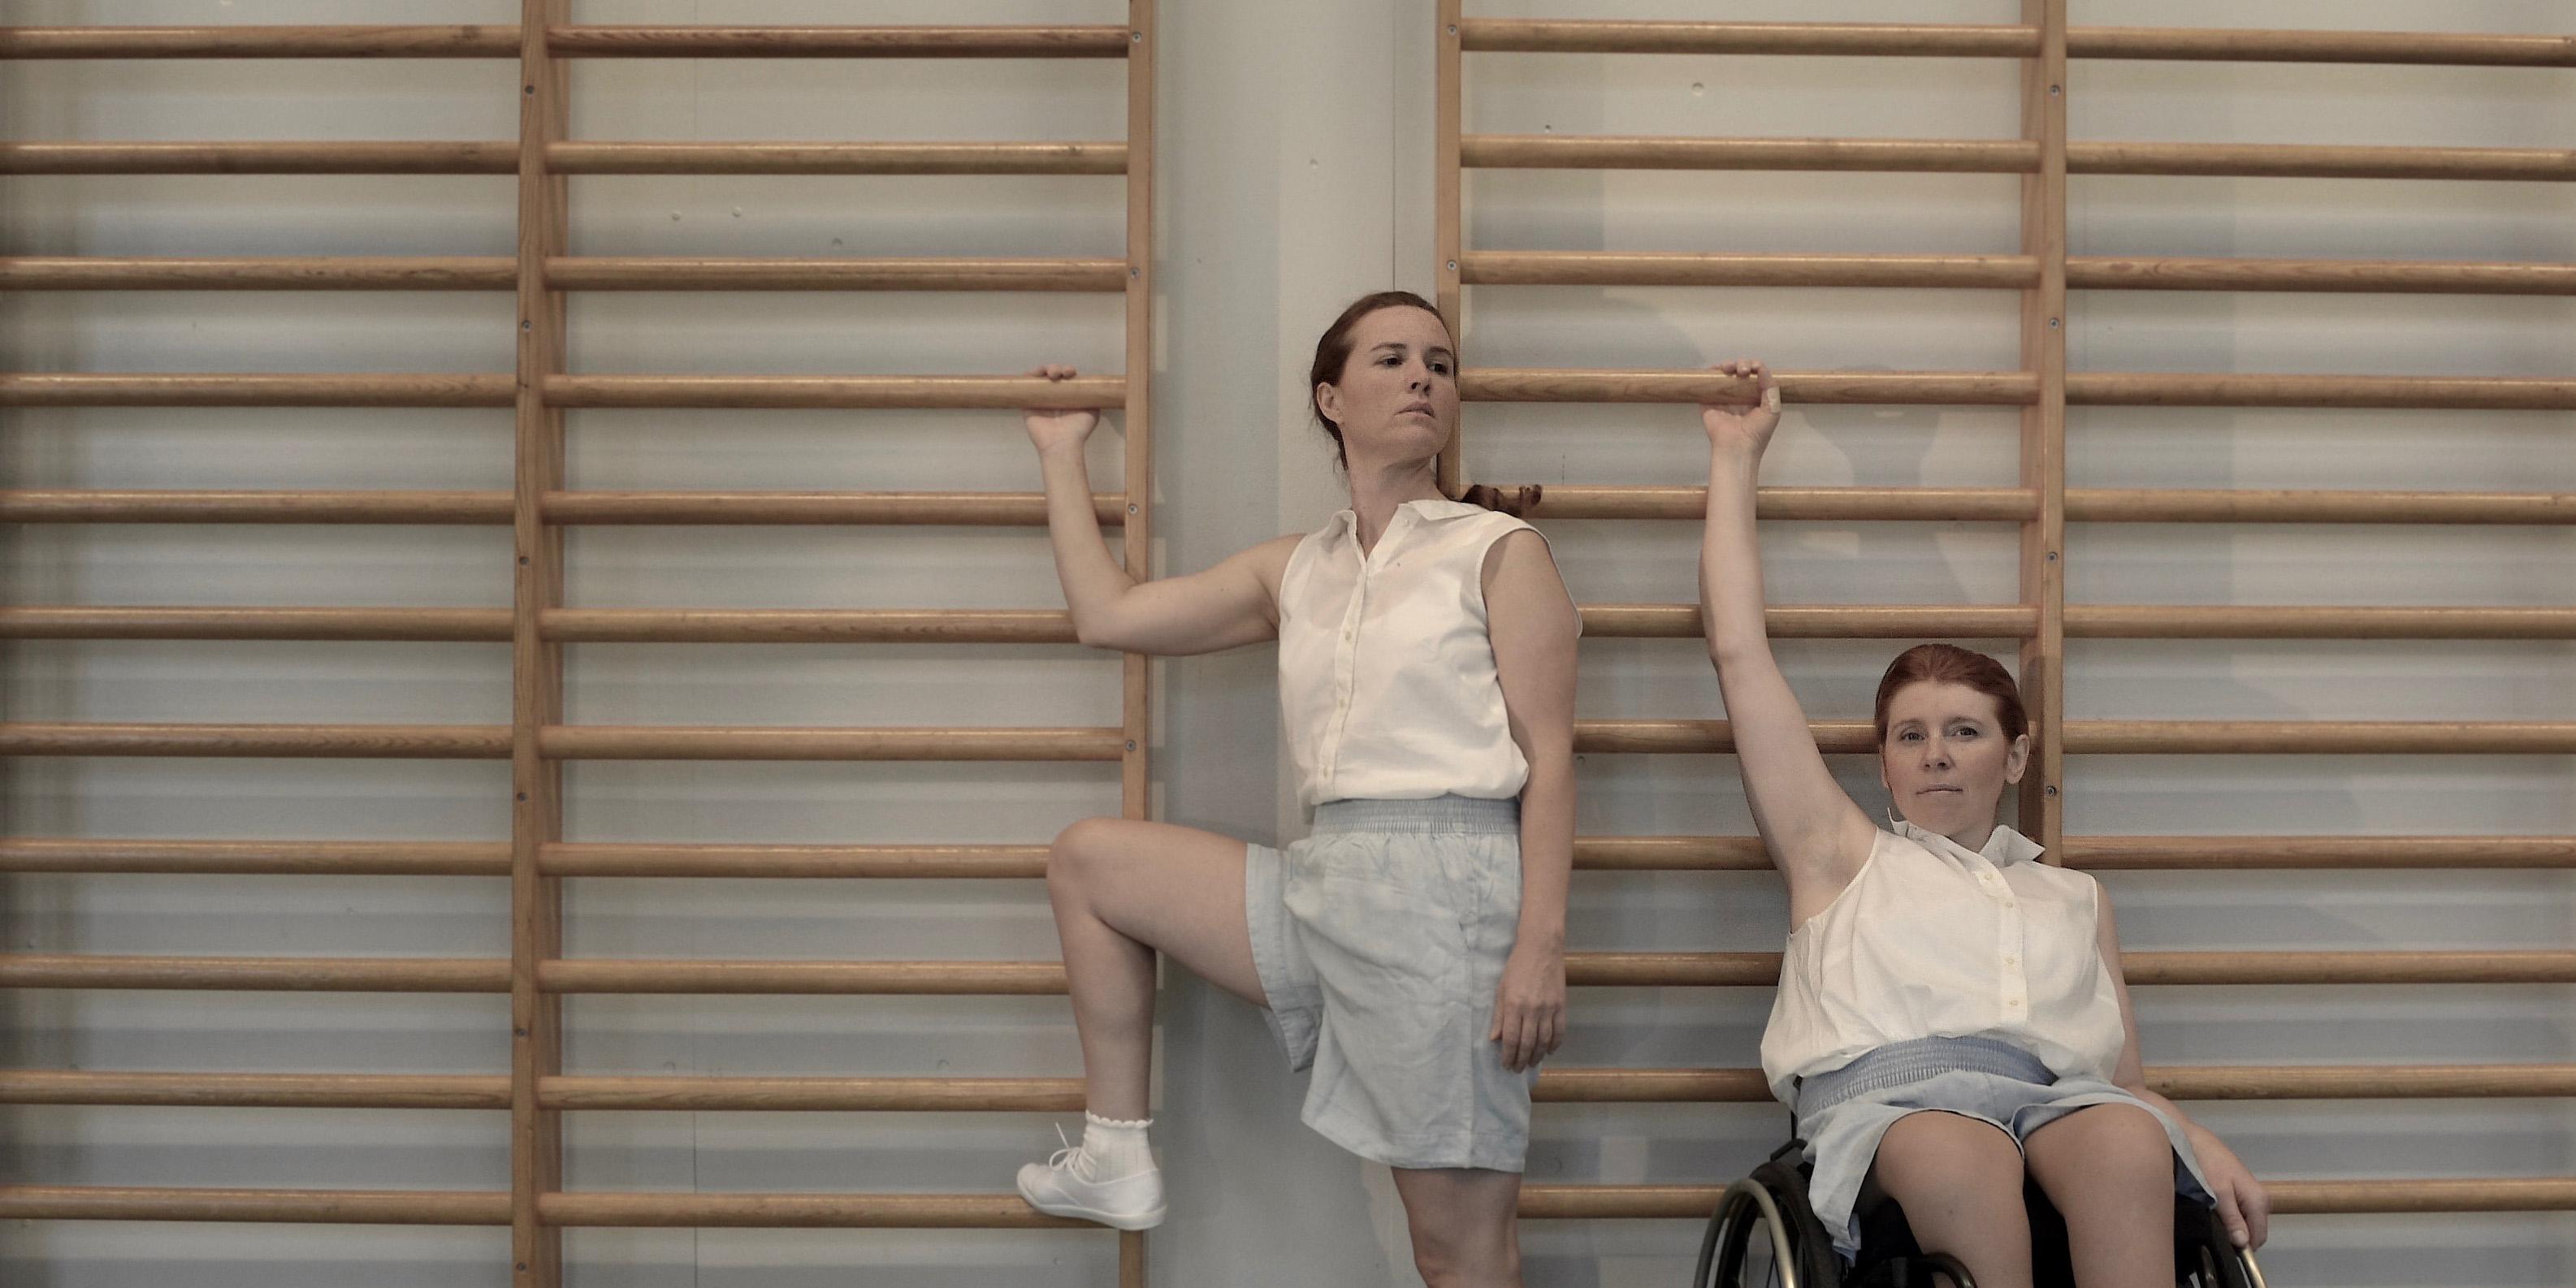 Bild för föreställningen Kryptisk sportgymnastik. Foto: Mireille Leblanc